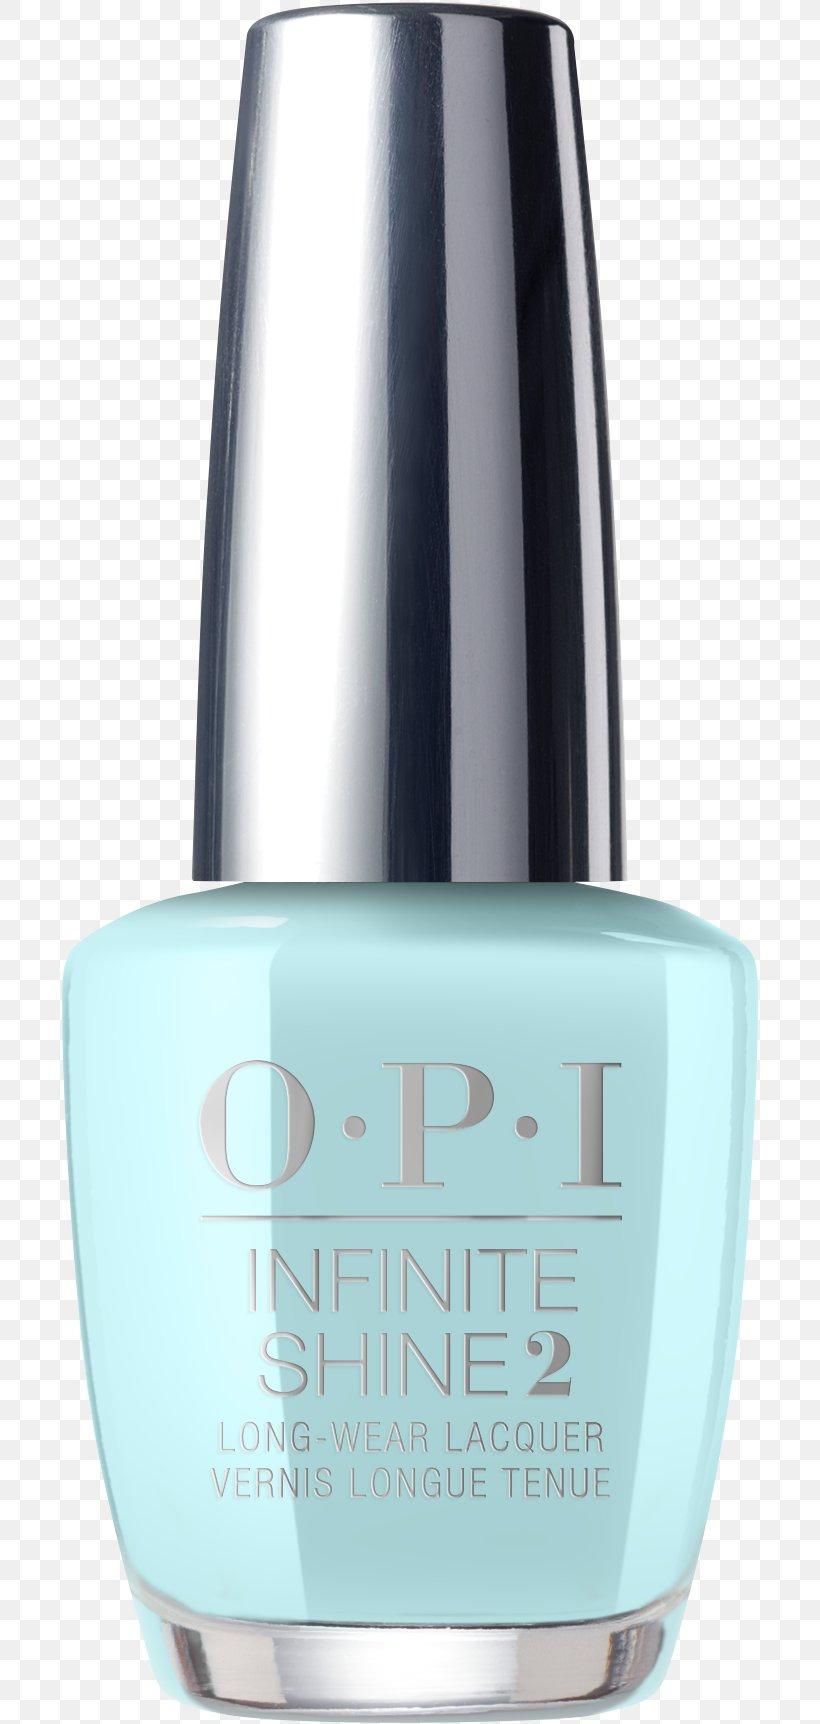 Opi Lacquer Opi Products Nail Polish Opi Gelcolor Opi Nail